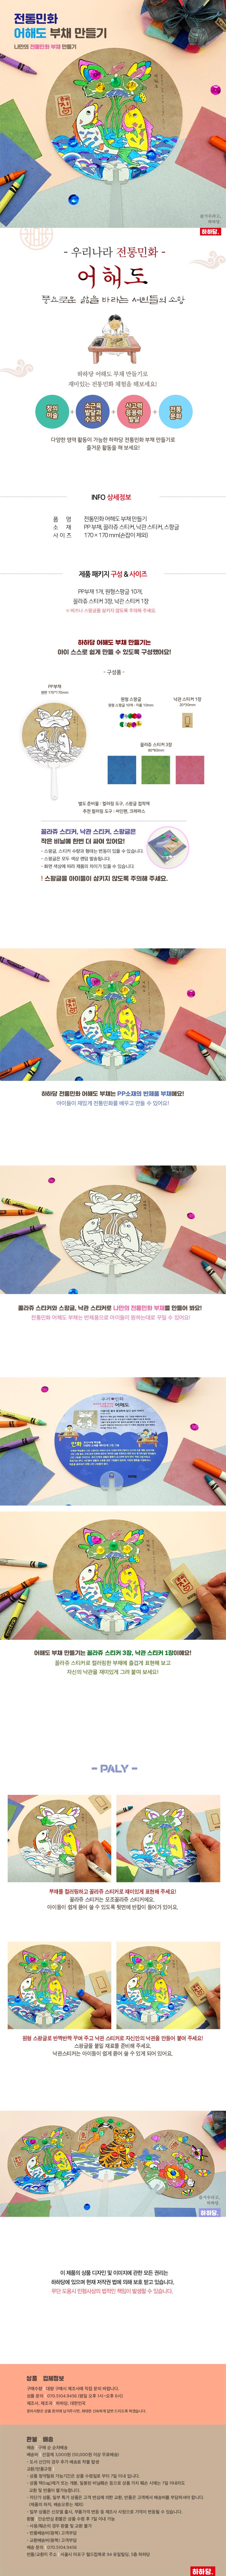 전통 민화 부채만들기- 어해도 - 하하당, 1,500원, 미술놀이, 미술교구